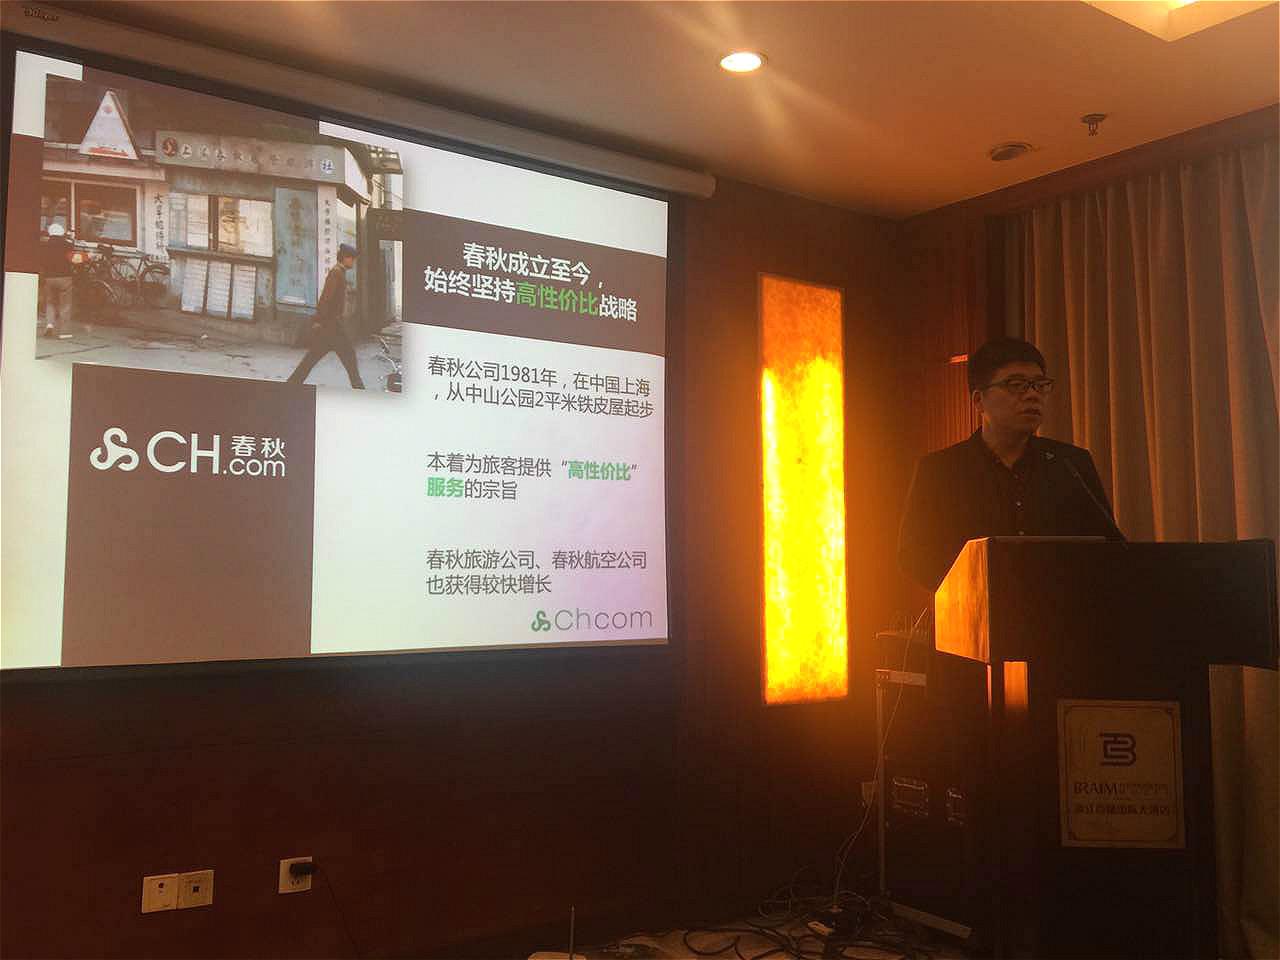 春秋航空开通杭州直飞澳门、哈尔滨航线